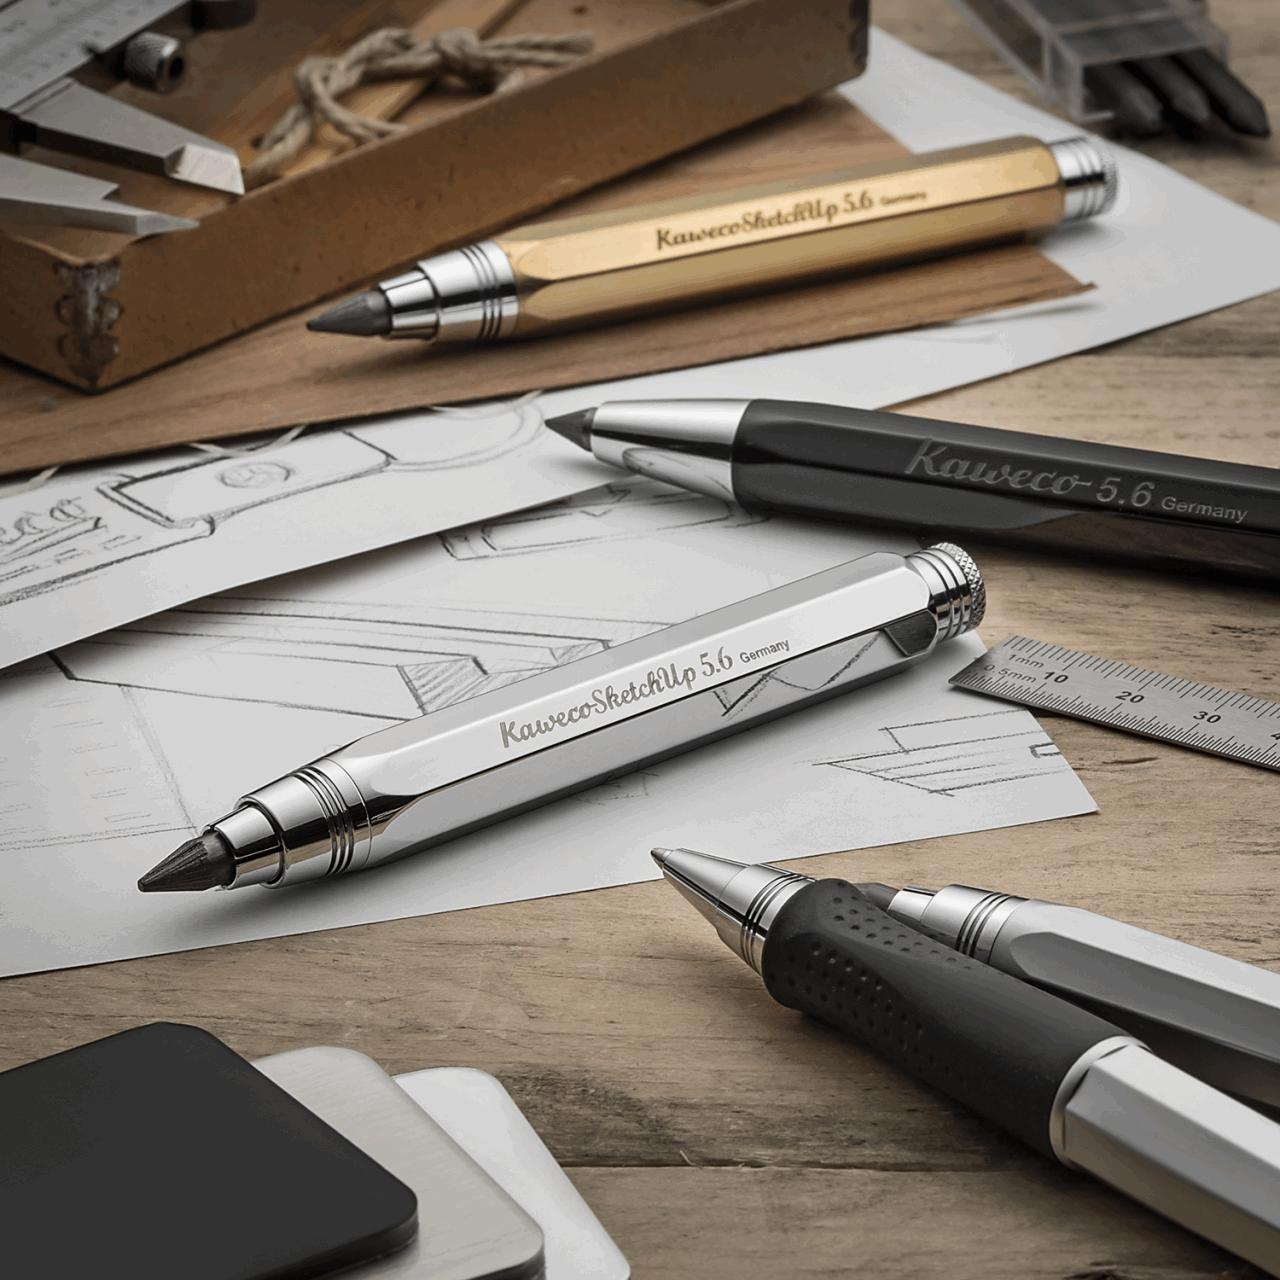 Kaweco Sketch Up Fallbleistift - schwarz